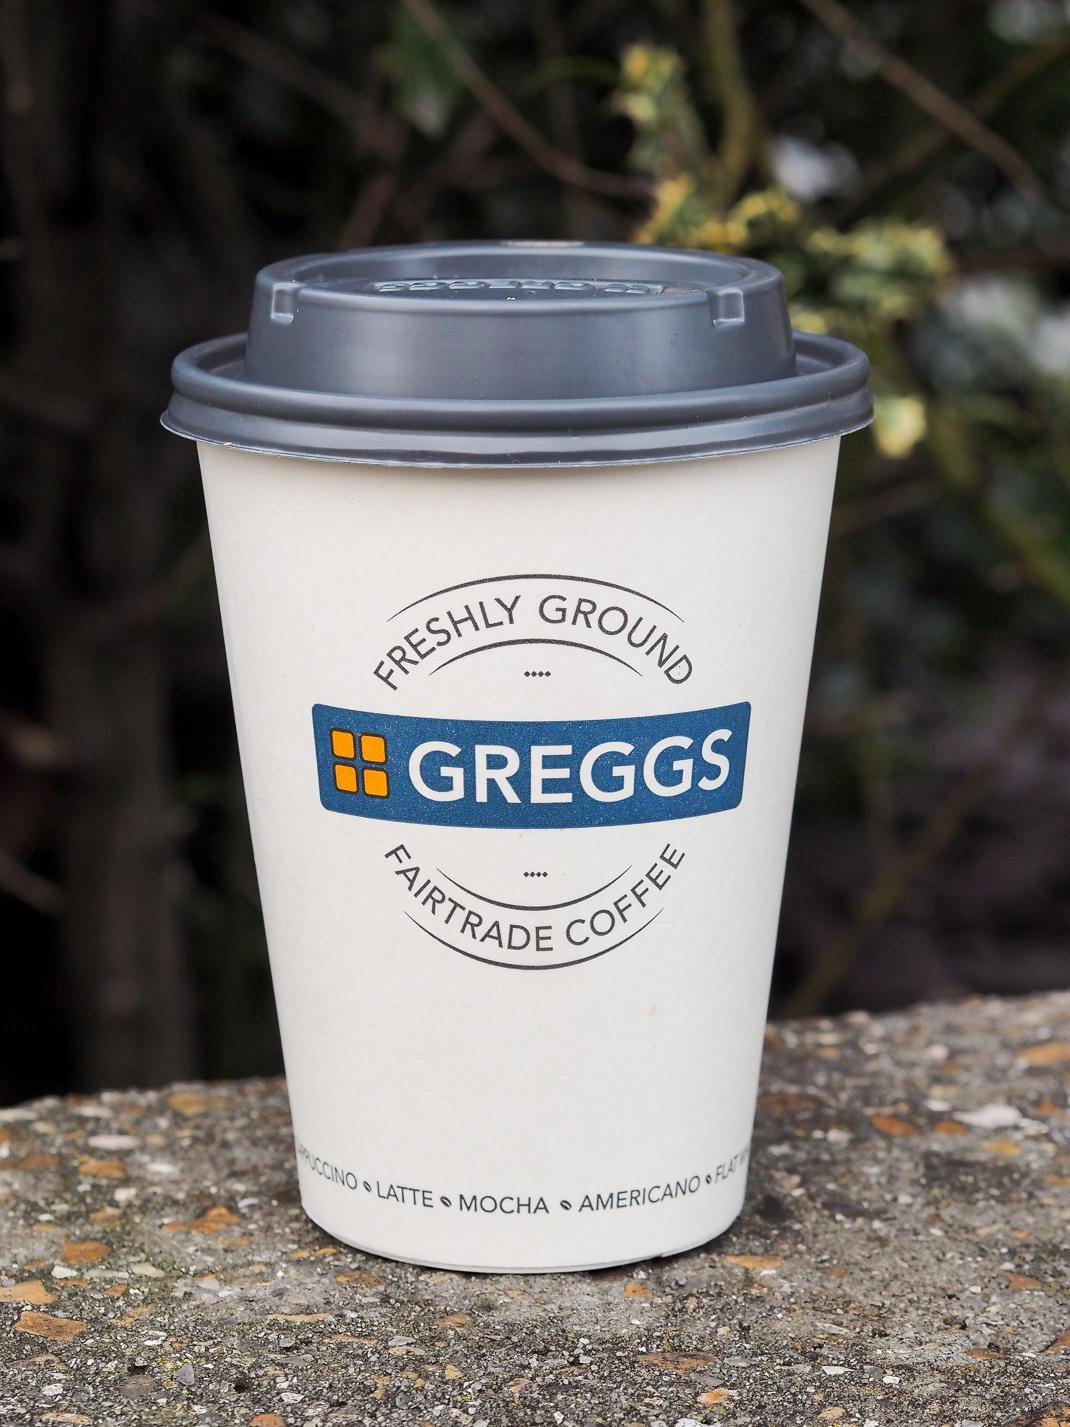 greggs fairtrade coffee